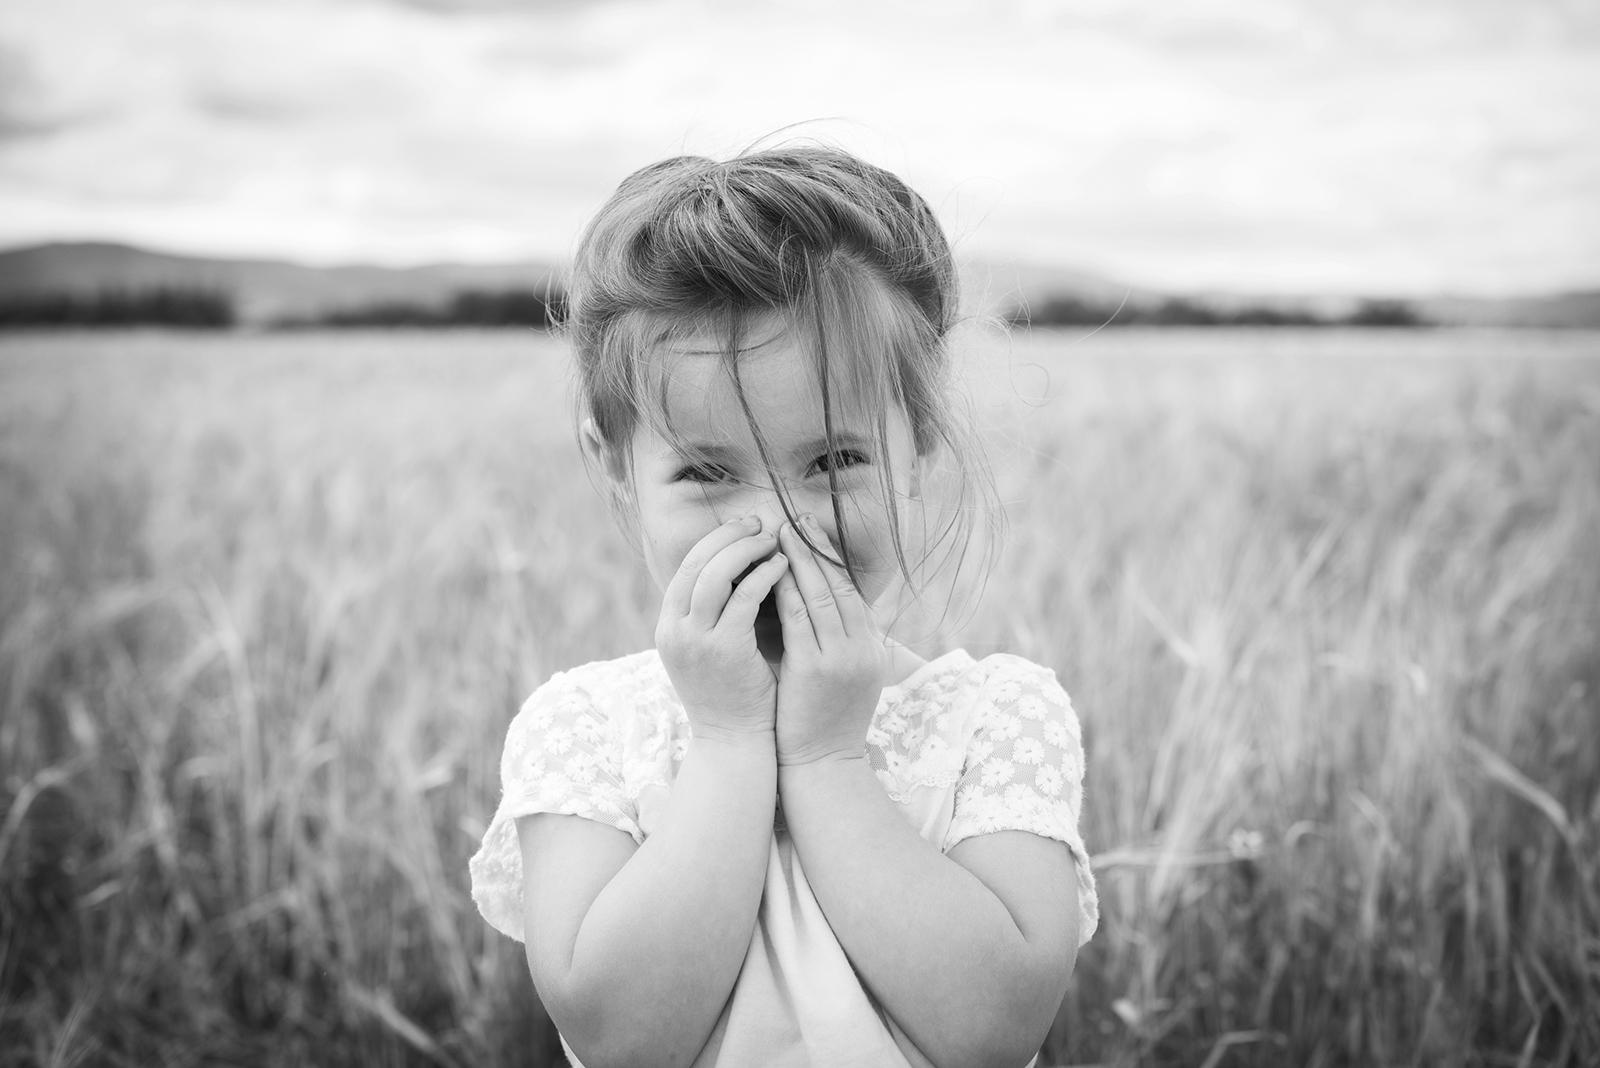 petite fille en été noir et blanc